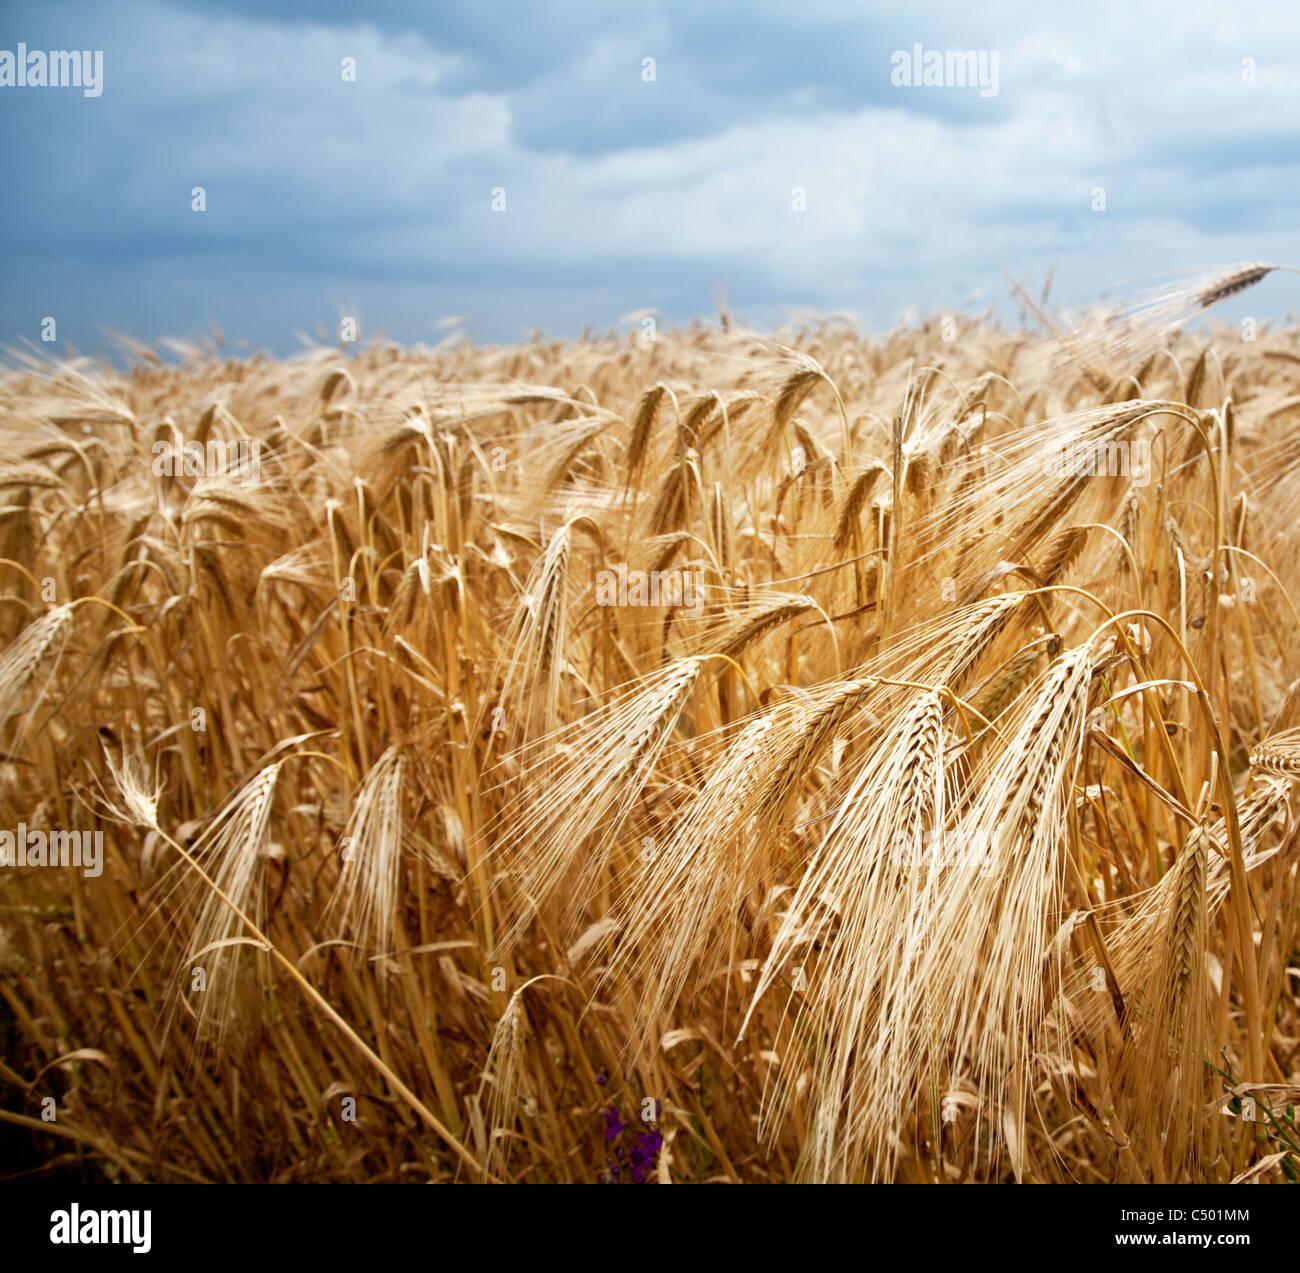 Gros plan sur une tige de blé fond de ciel bleu. Photo Stock